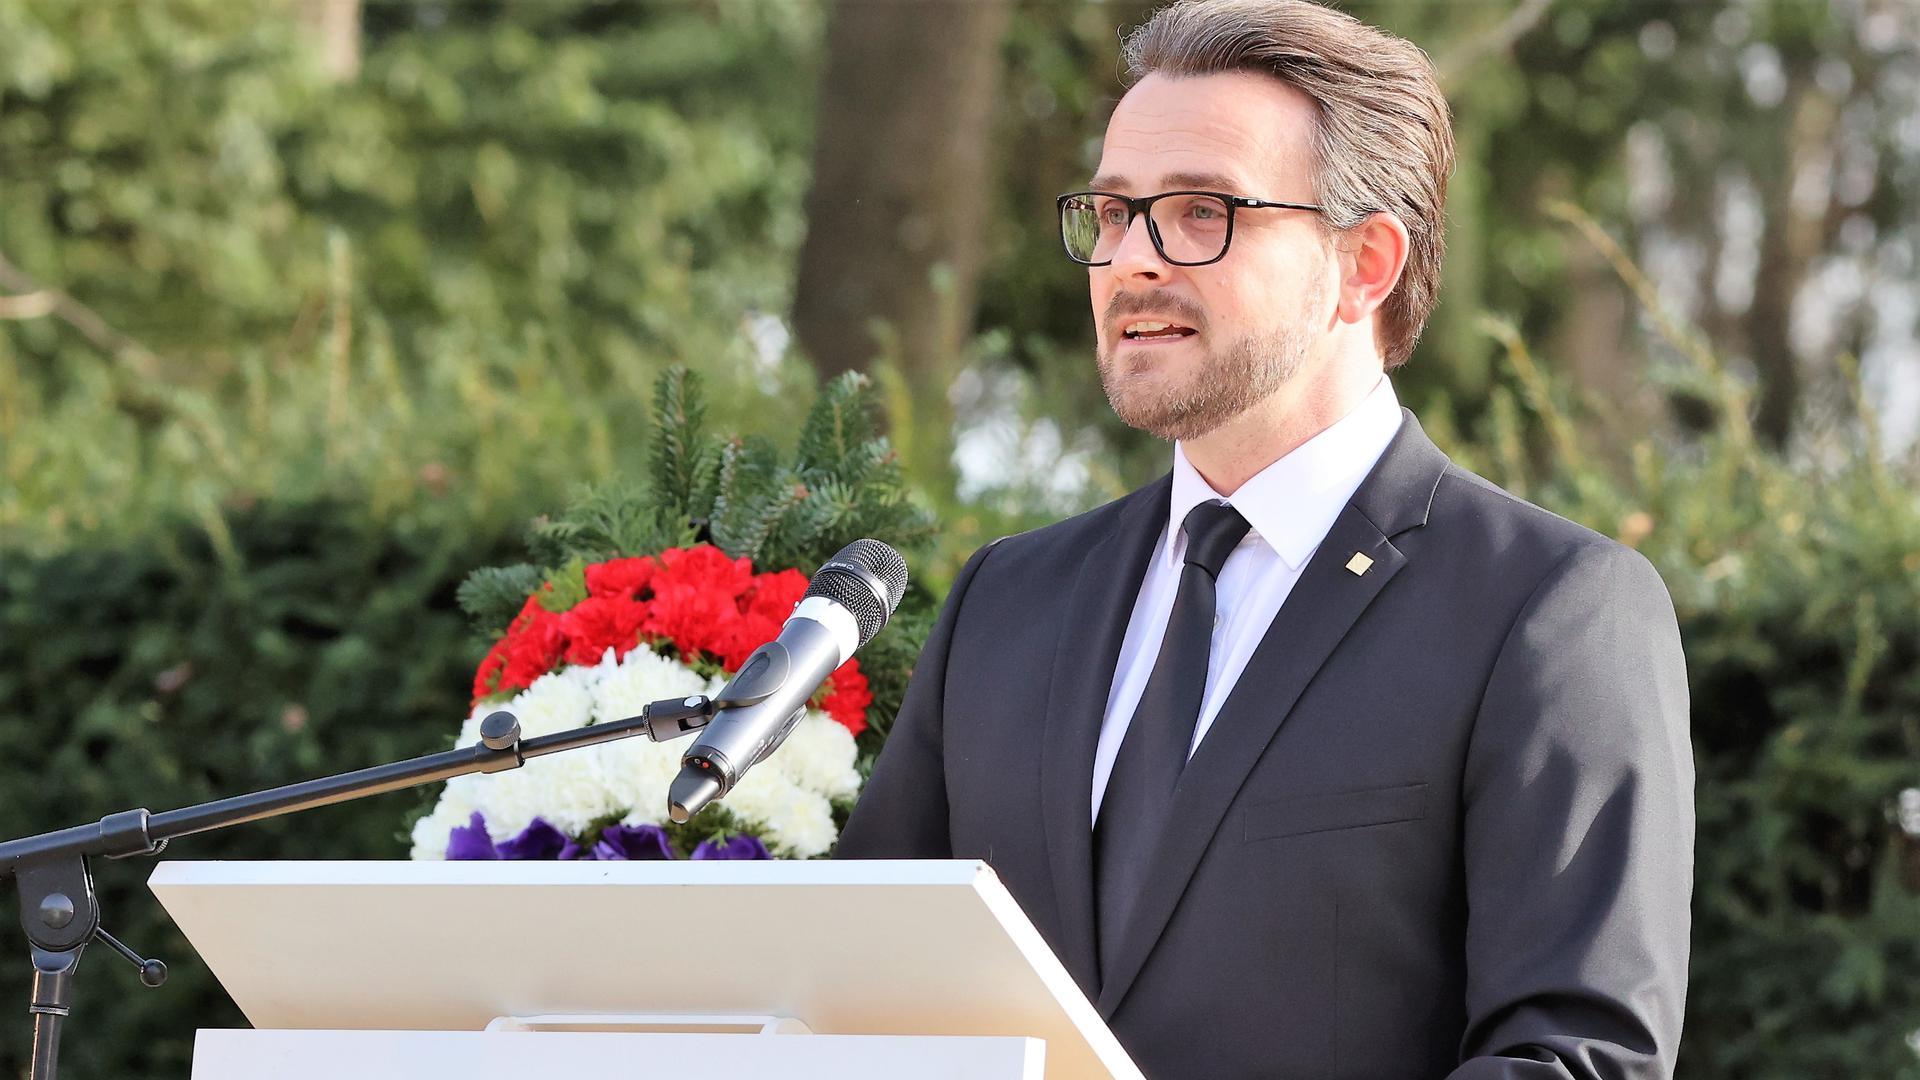 In dunklem Anzug vor einem großen Kreuz aus Stein: Pforzheims Oberbürgermeister Peter Boch (CDU) spricht am Dienstagnachmittag bei der offiziellen Gedenkveranstaltung der Stadt Pforzheim auf dem Hauptfriedhof